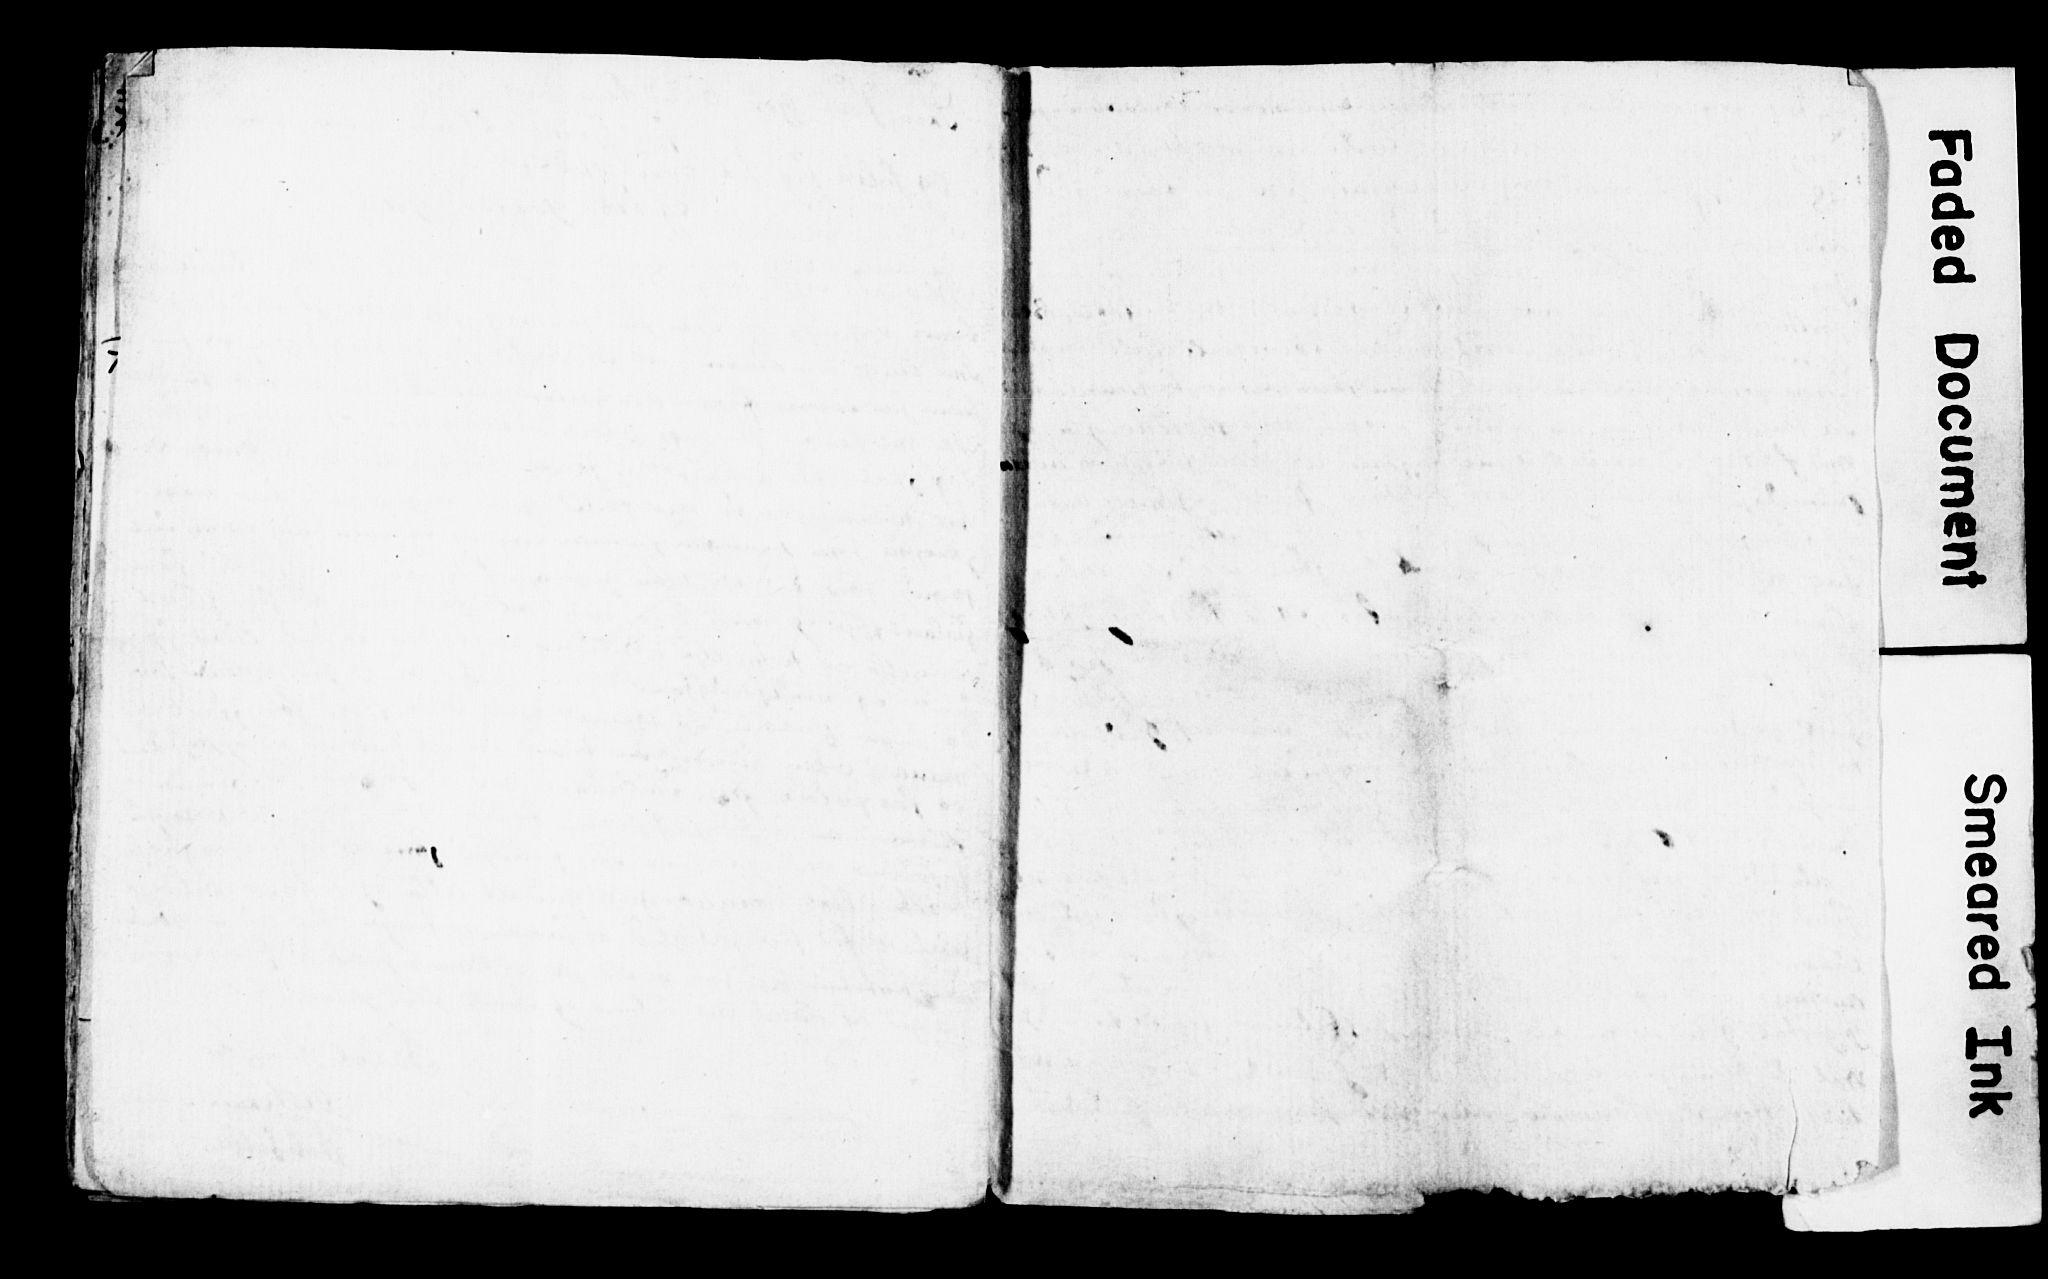 SAT, Fosen prosti*, 1794, s. upaginert